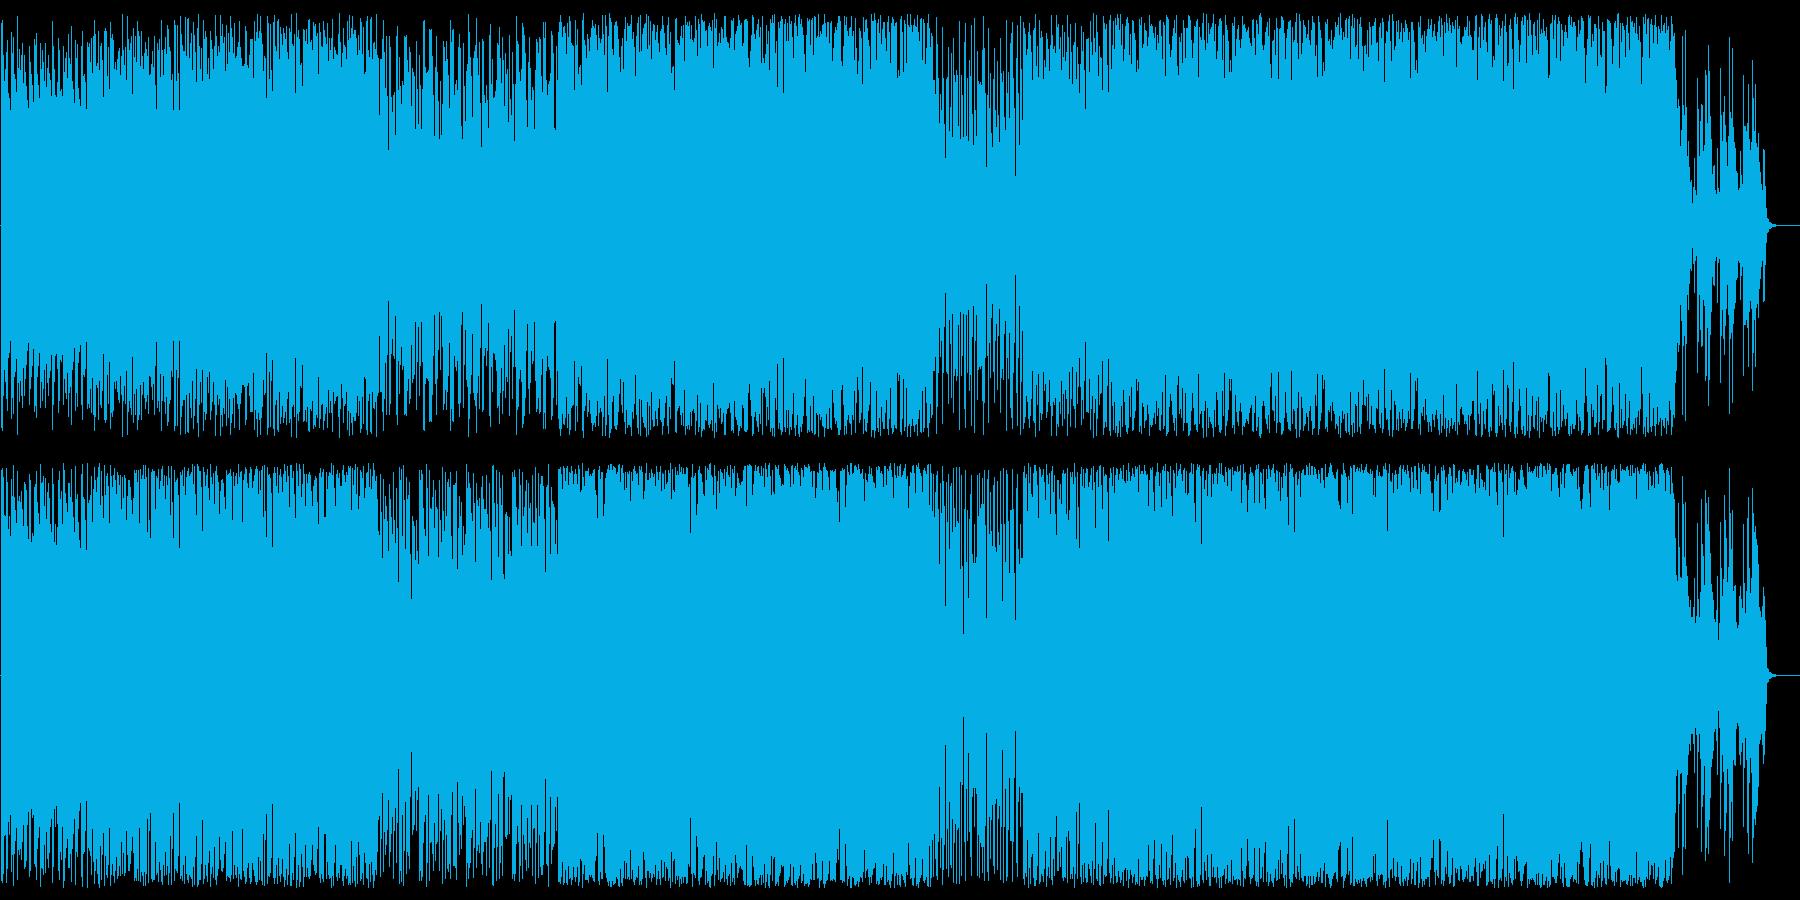 ムーディでオシャレなアコギとピアノBGMの再生済みの波形